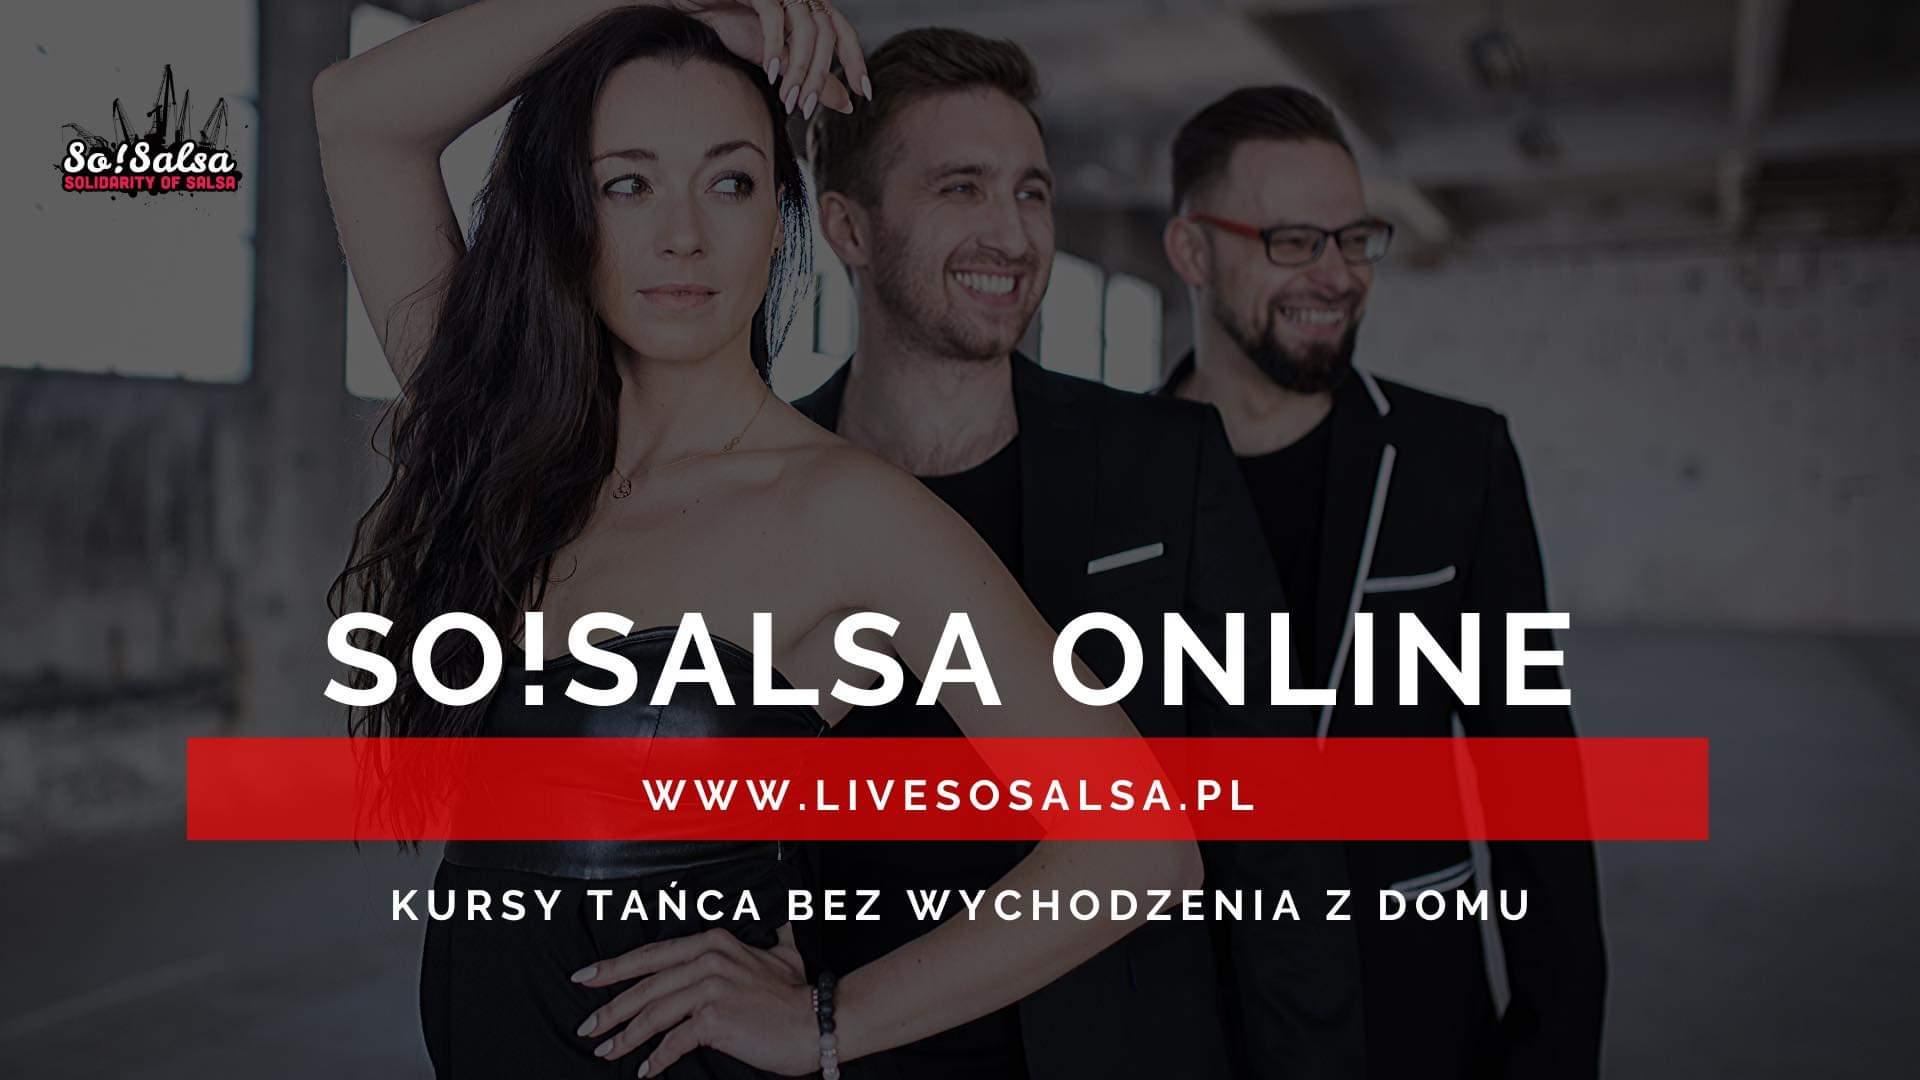 So!Salsa działa Online- www.livesosalsa.pl